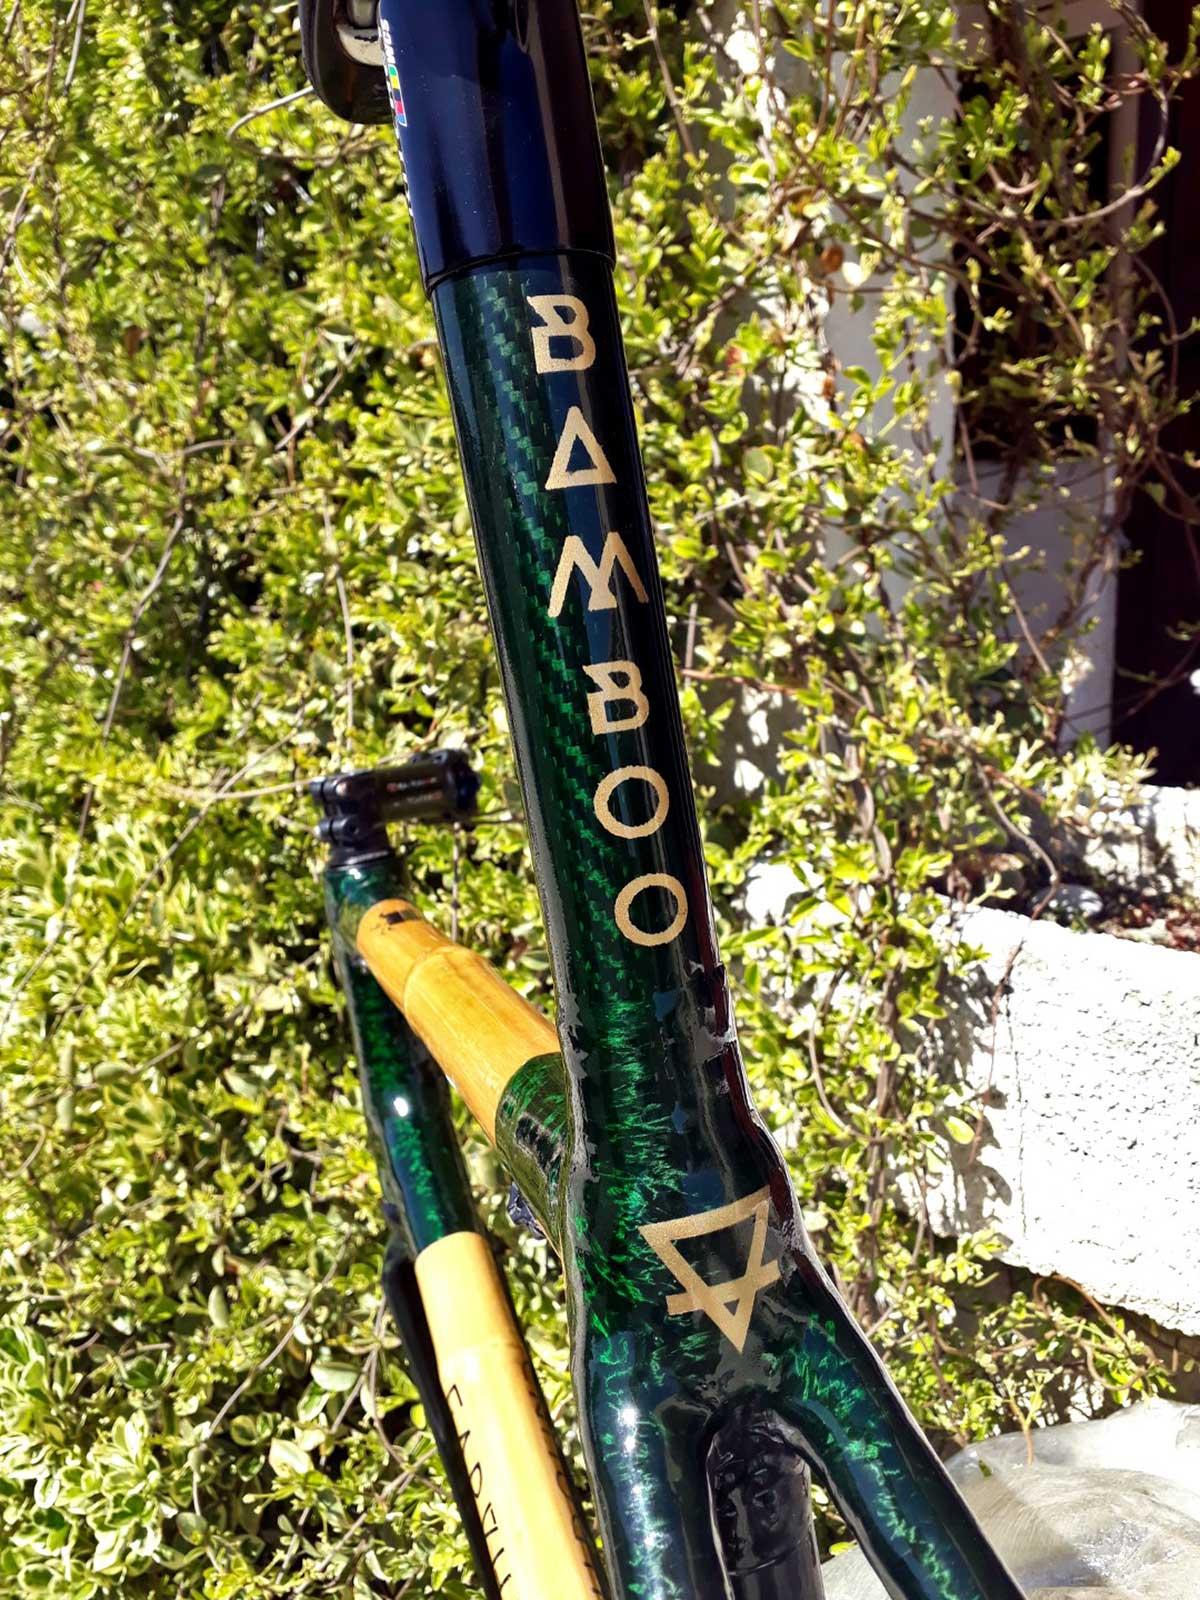 bamboo road bike earthbound bikes green seat tube clearcoat